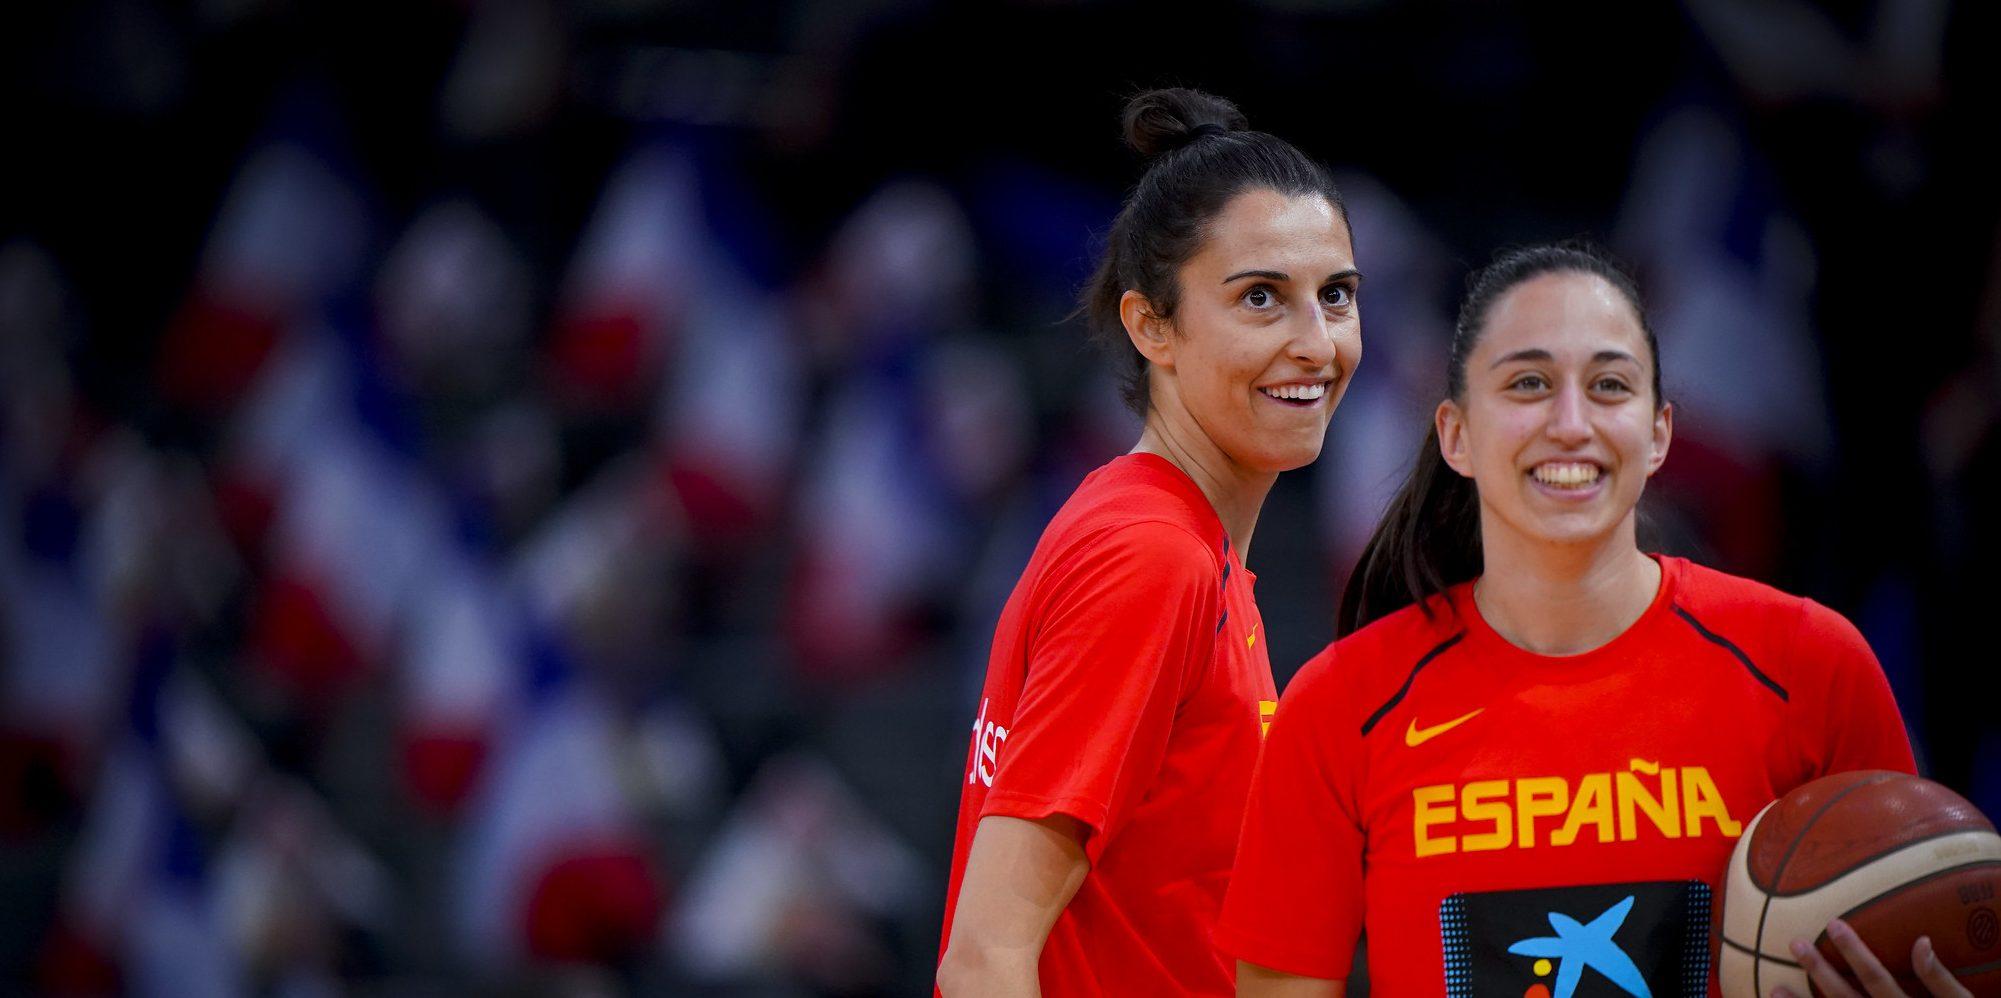 España compite hasta el último segundo pero cae ante Francia